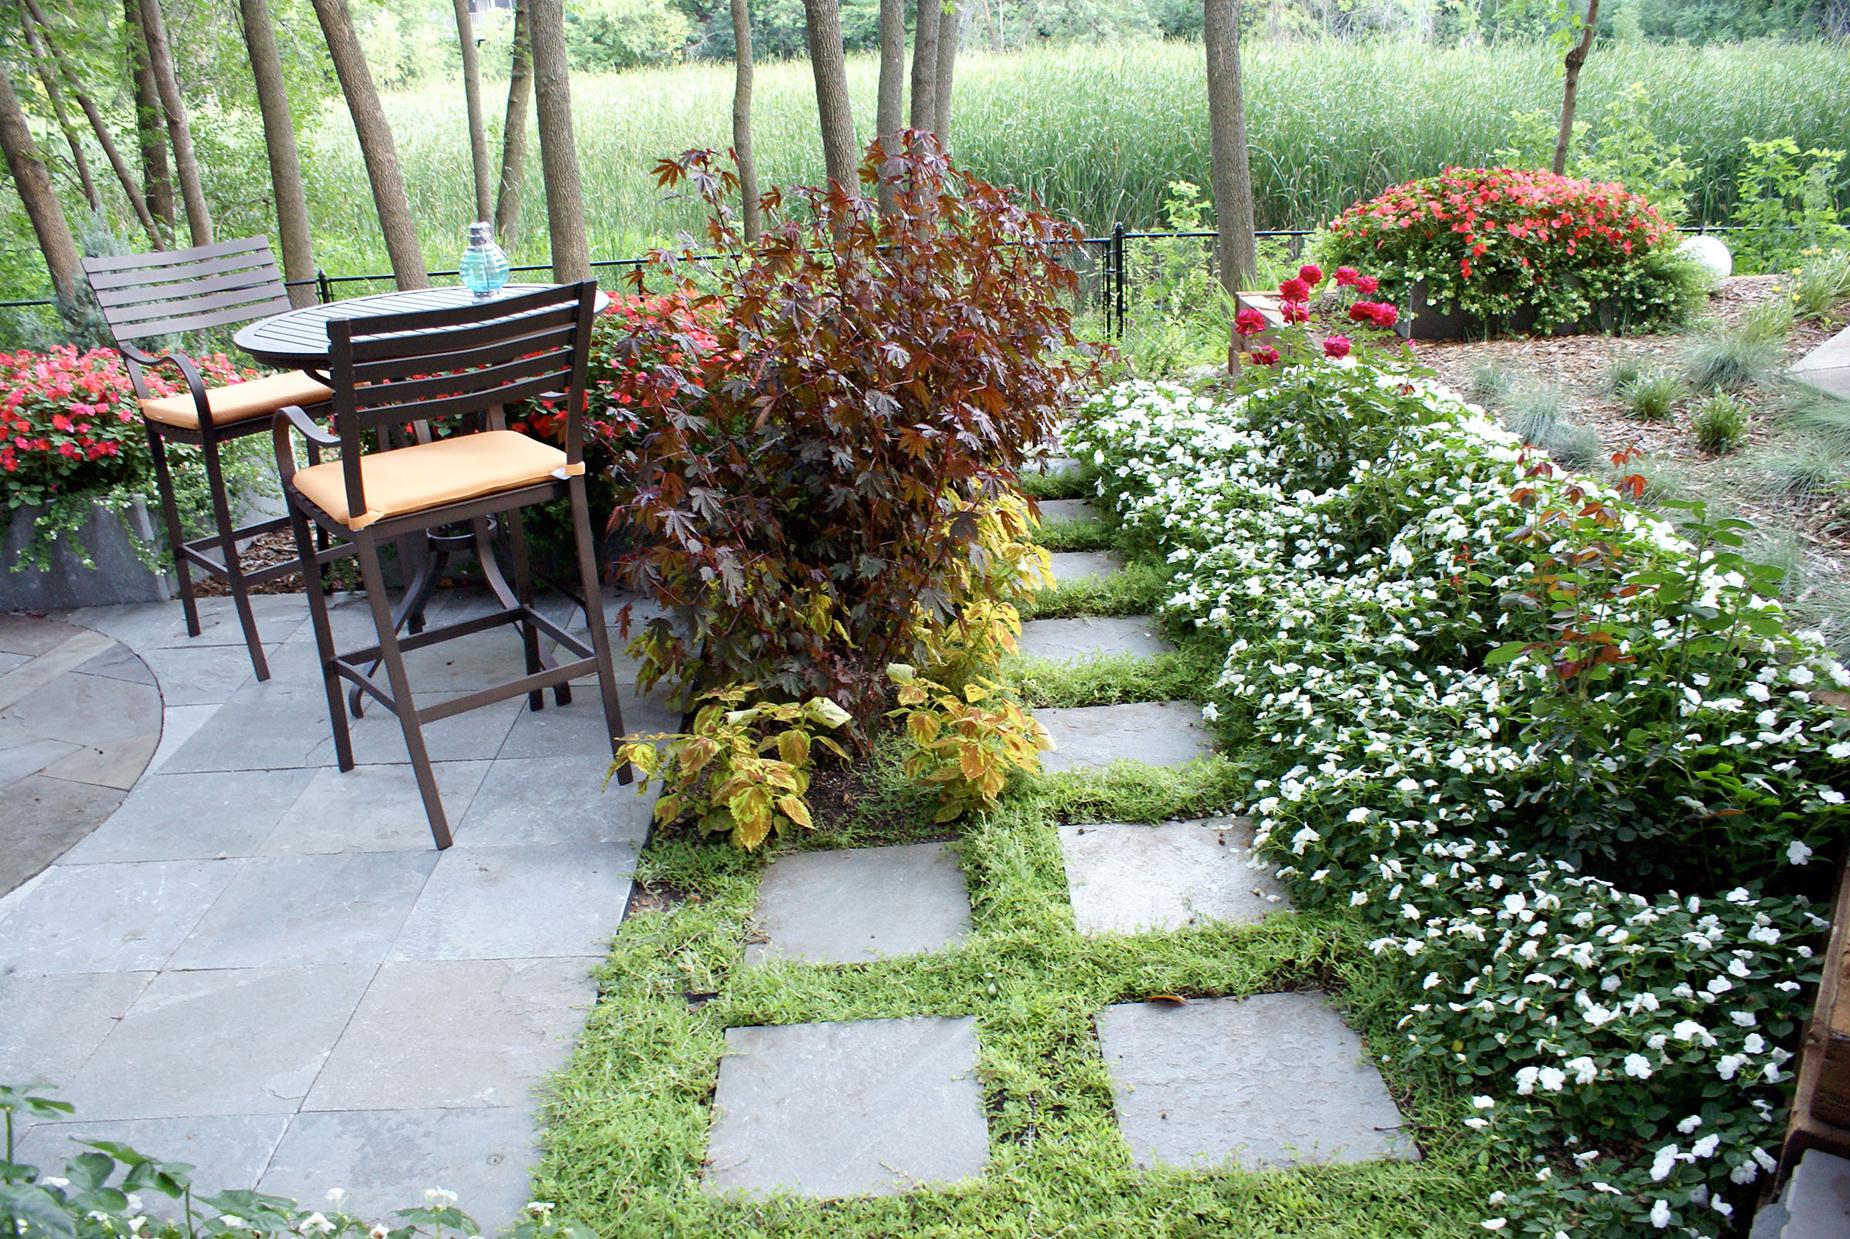 Square path through garden